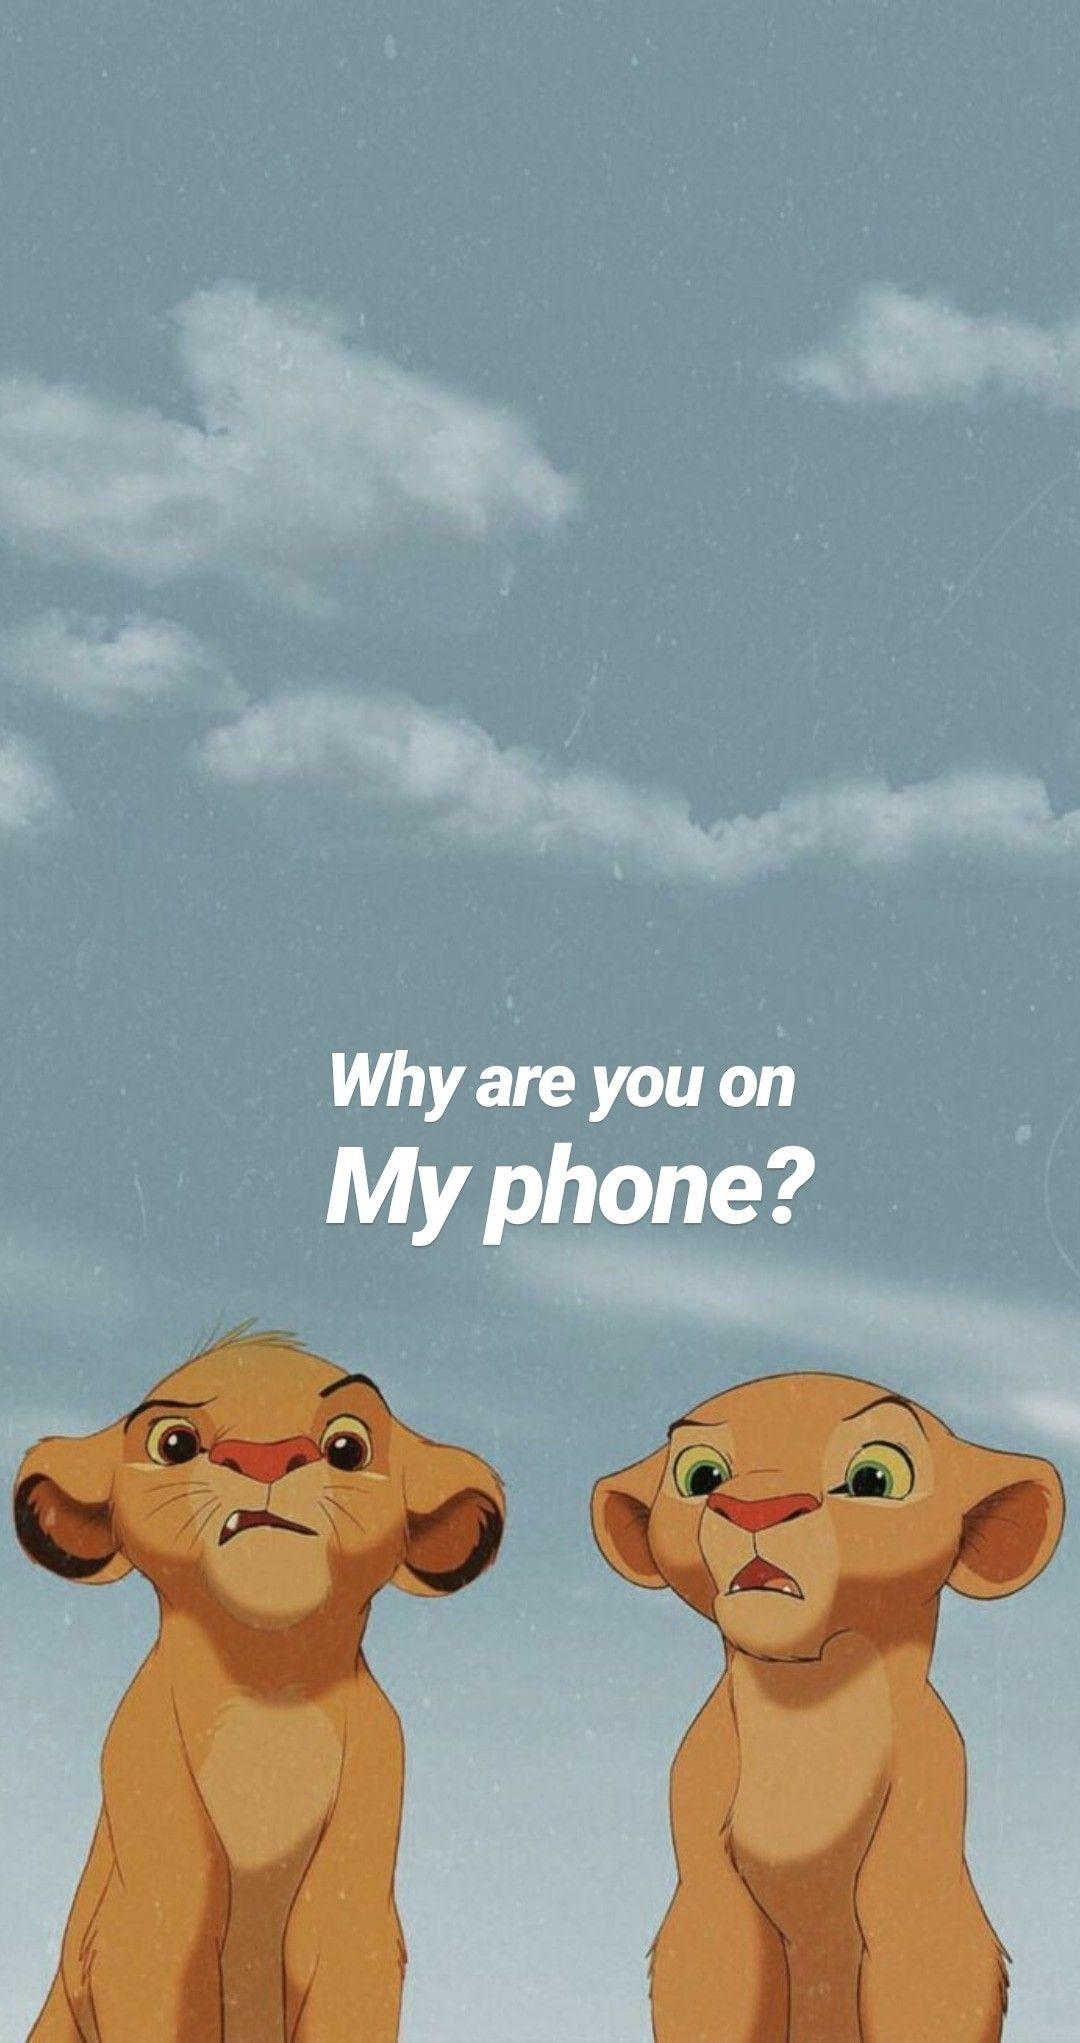 Disney Lionking Wallpaper Cartoon Wallpaper Lustiger Bildschirmhintergrund Hintergrund Iphone